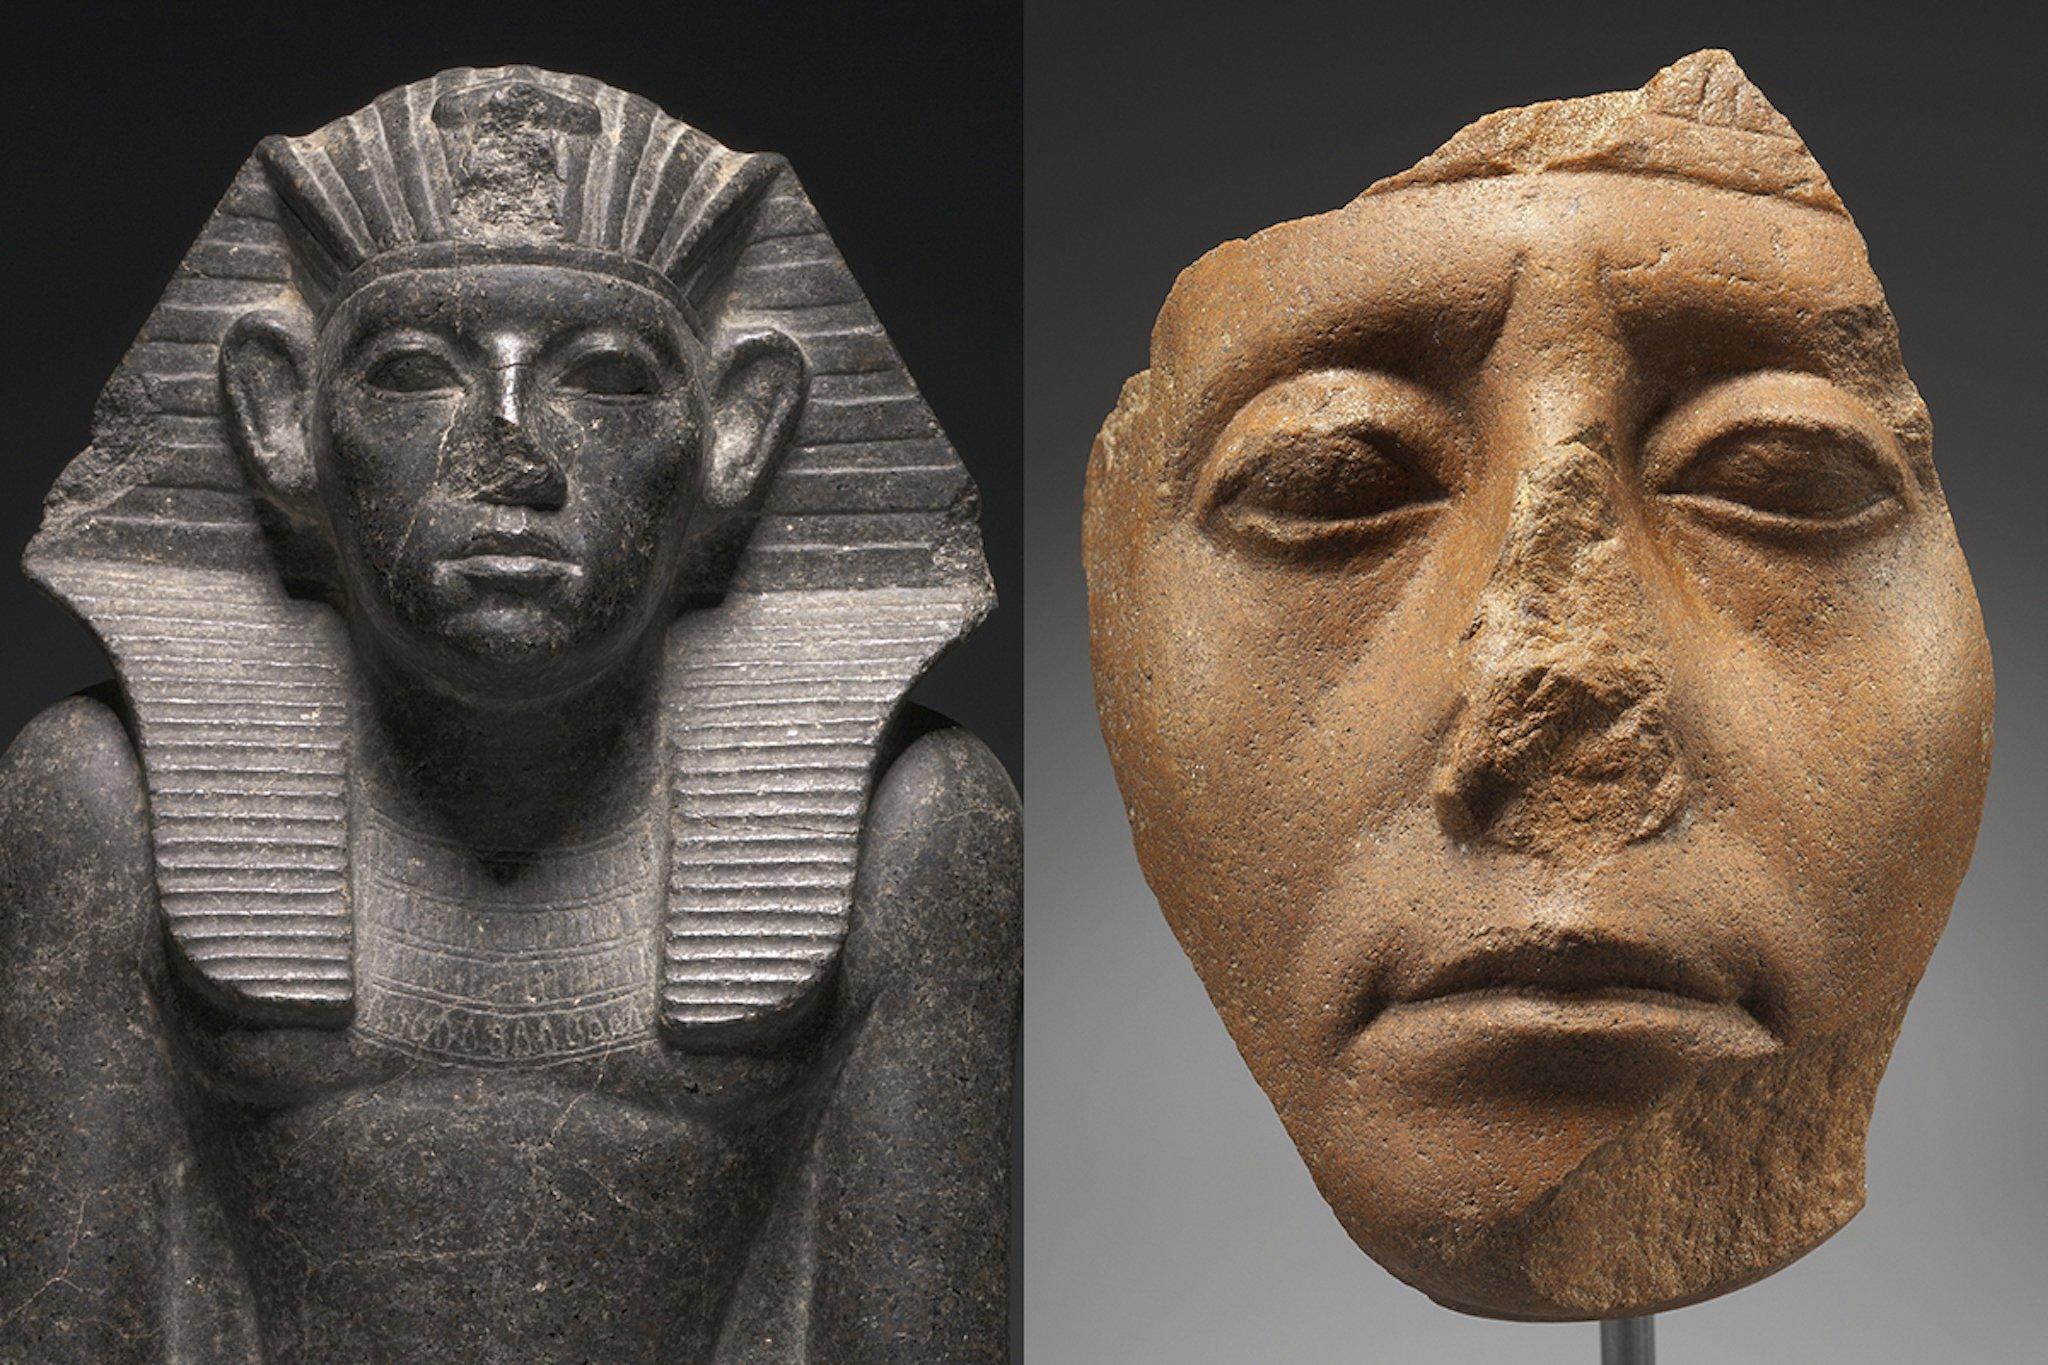 Tại sao những bức tượng Ai Cập cổ đại thường bị mất mũi? - 4